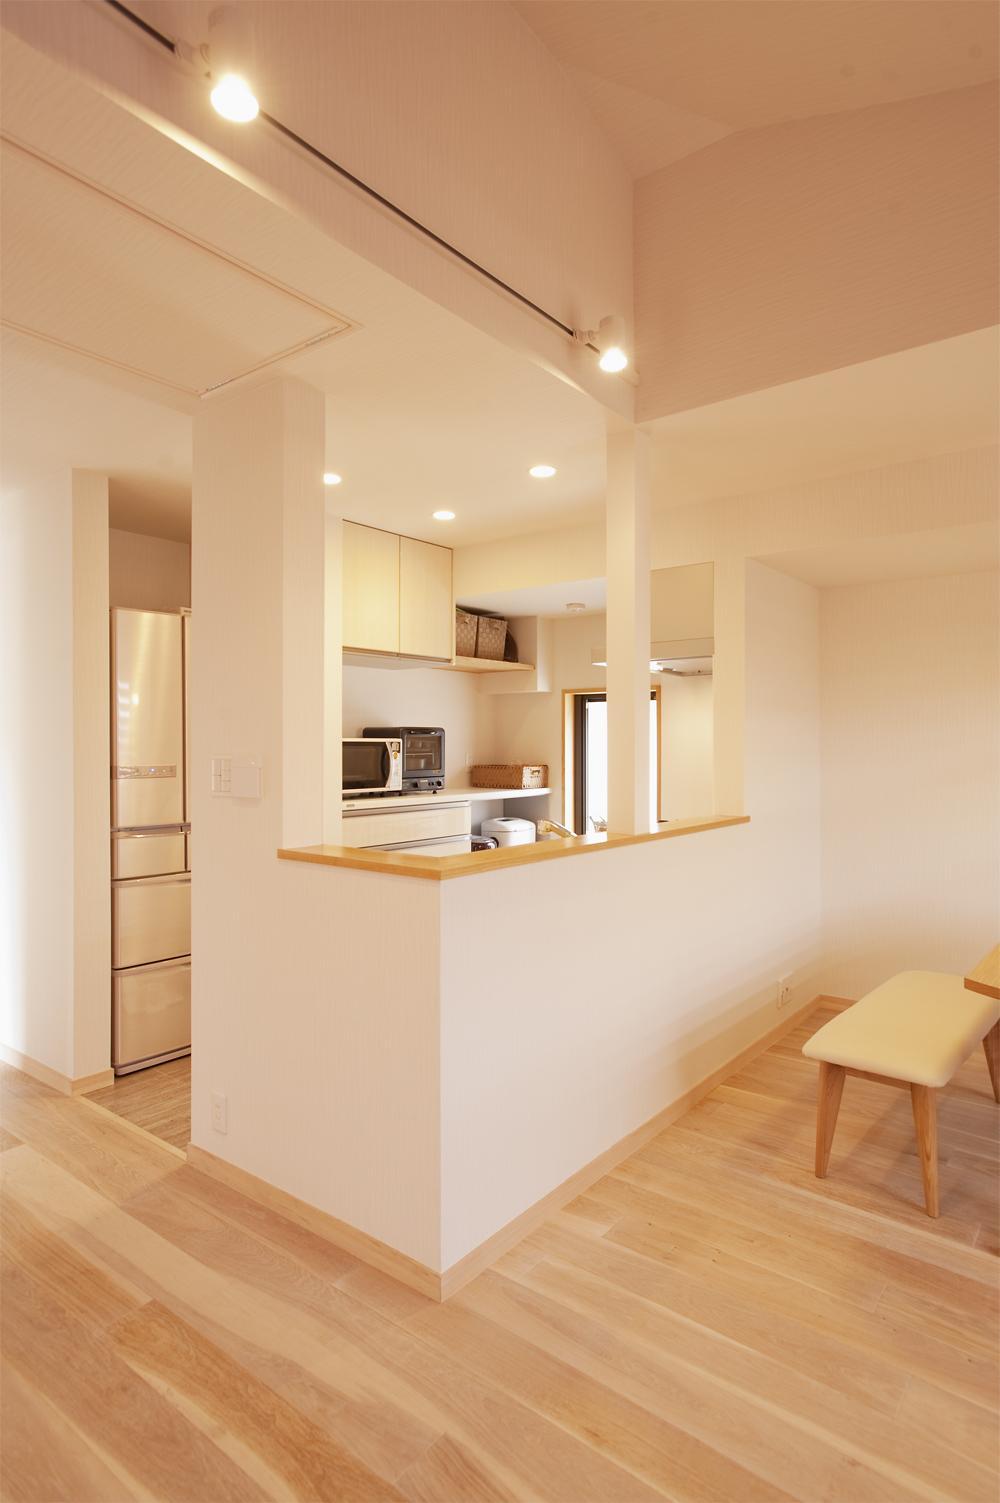 K邸・みんなでお家に帰ろう!の部屋 オープンな対面式キッチン